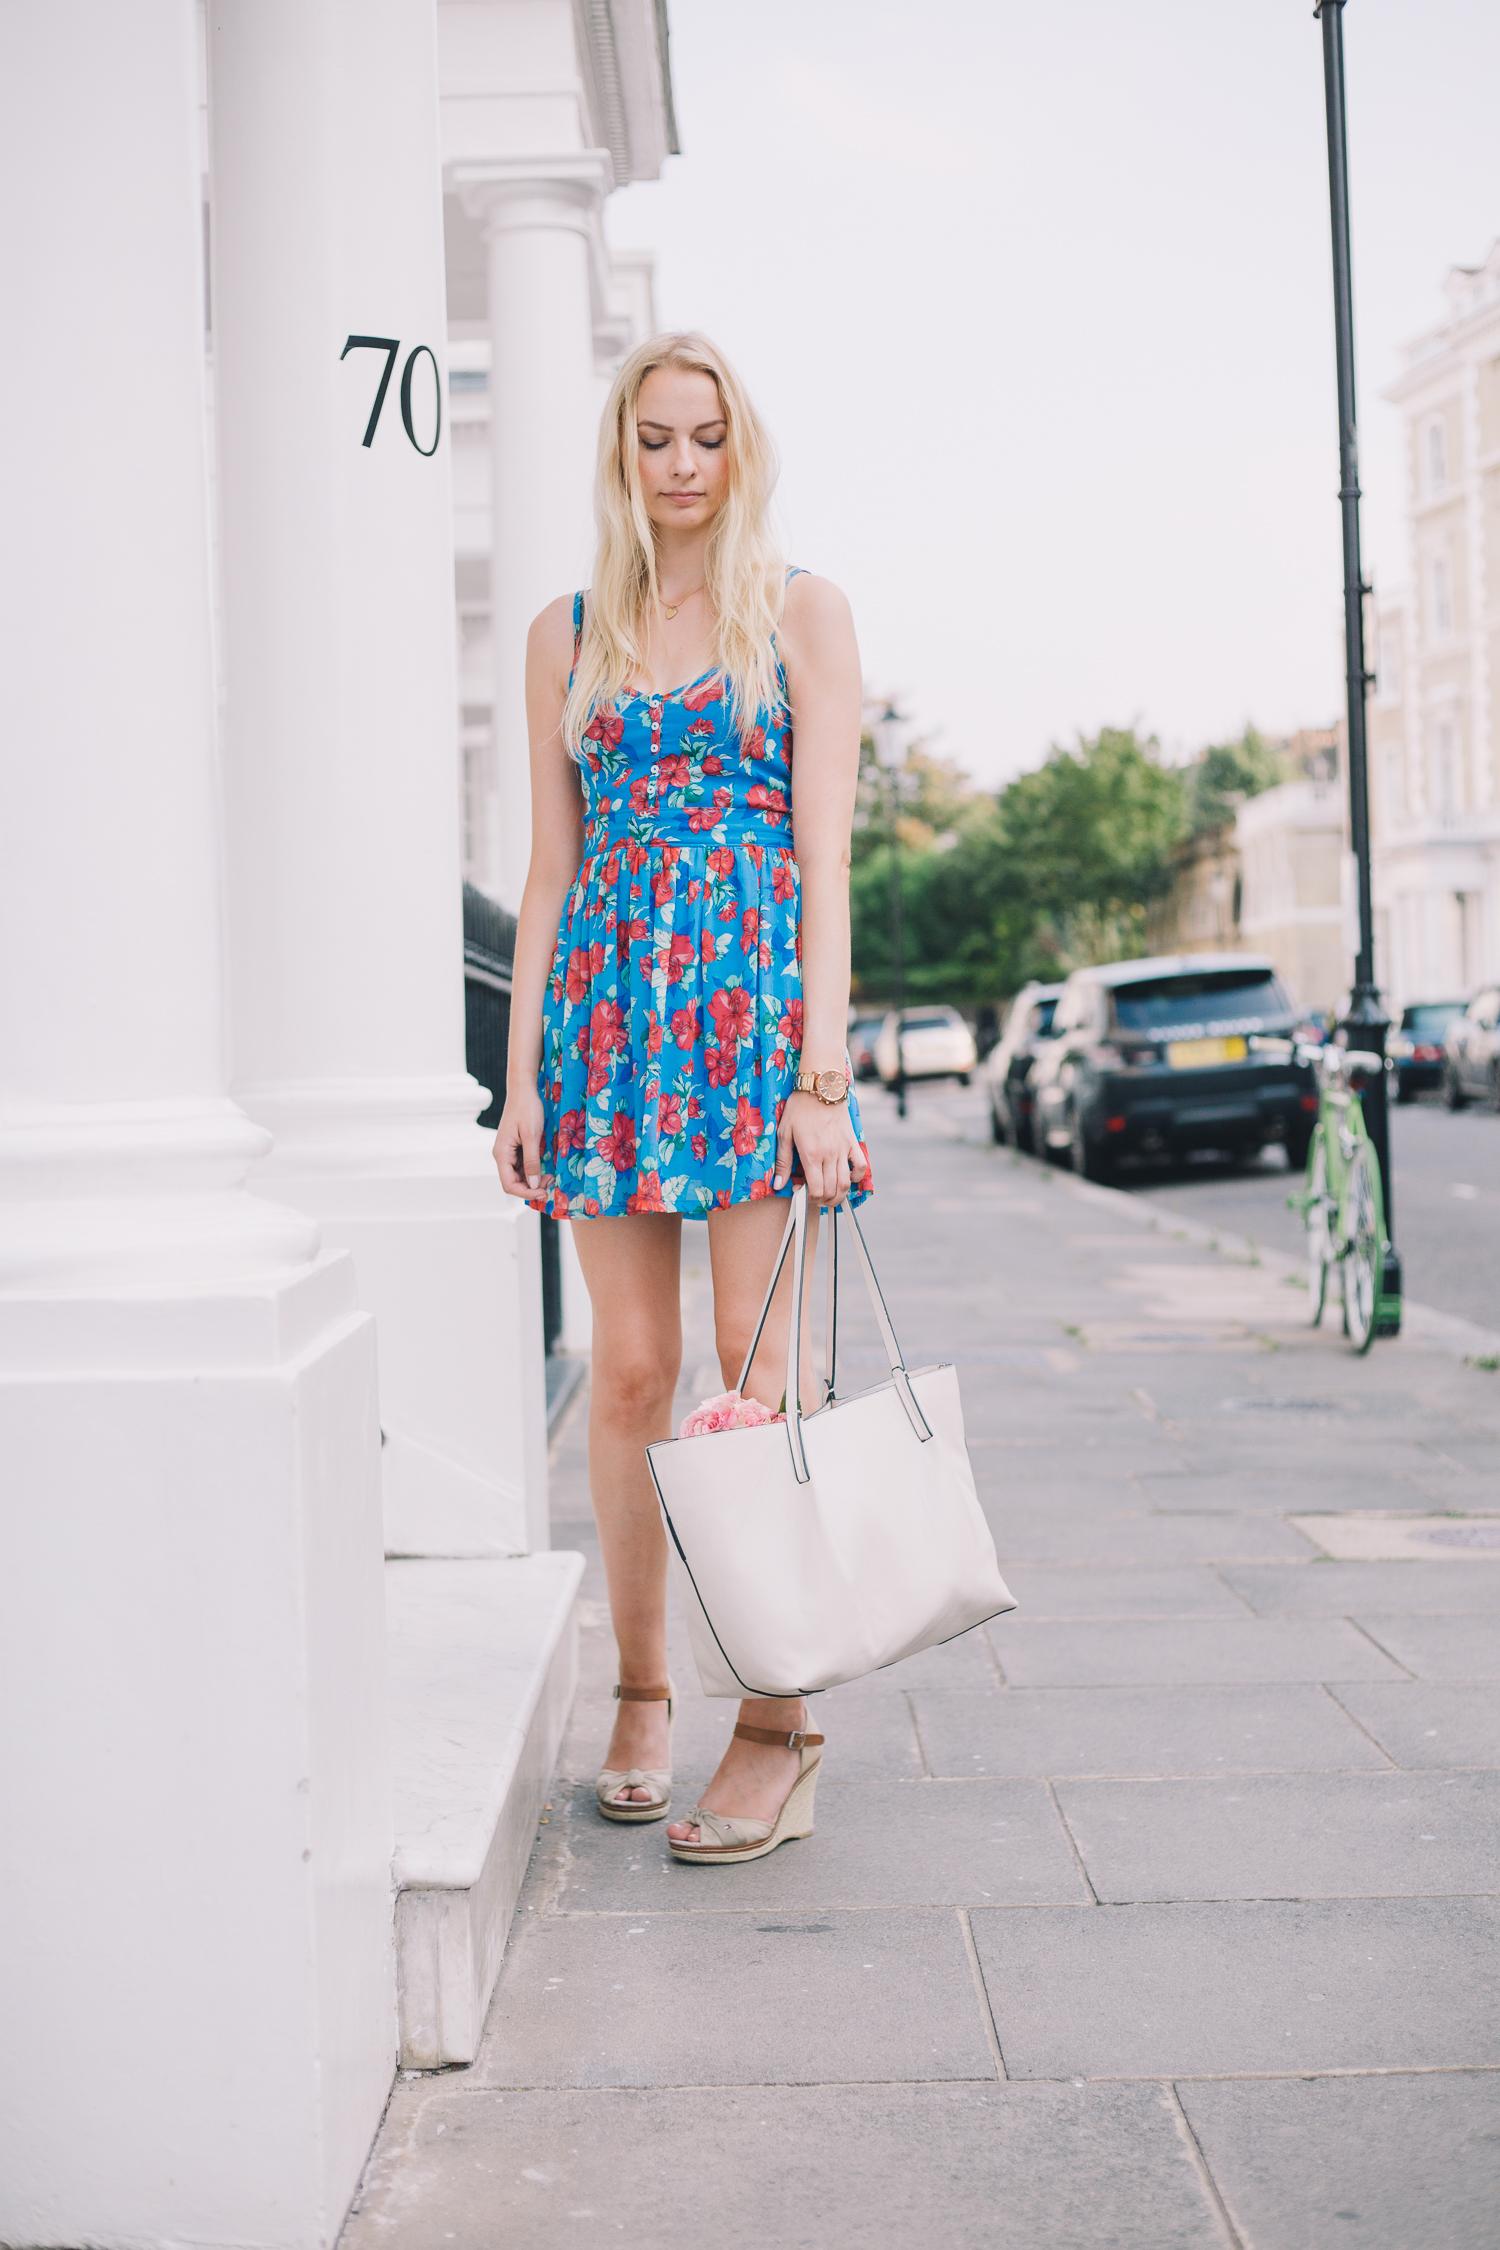 Marietta_Dress2_ (26 of 145)